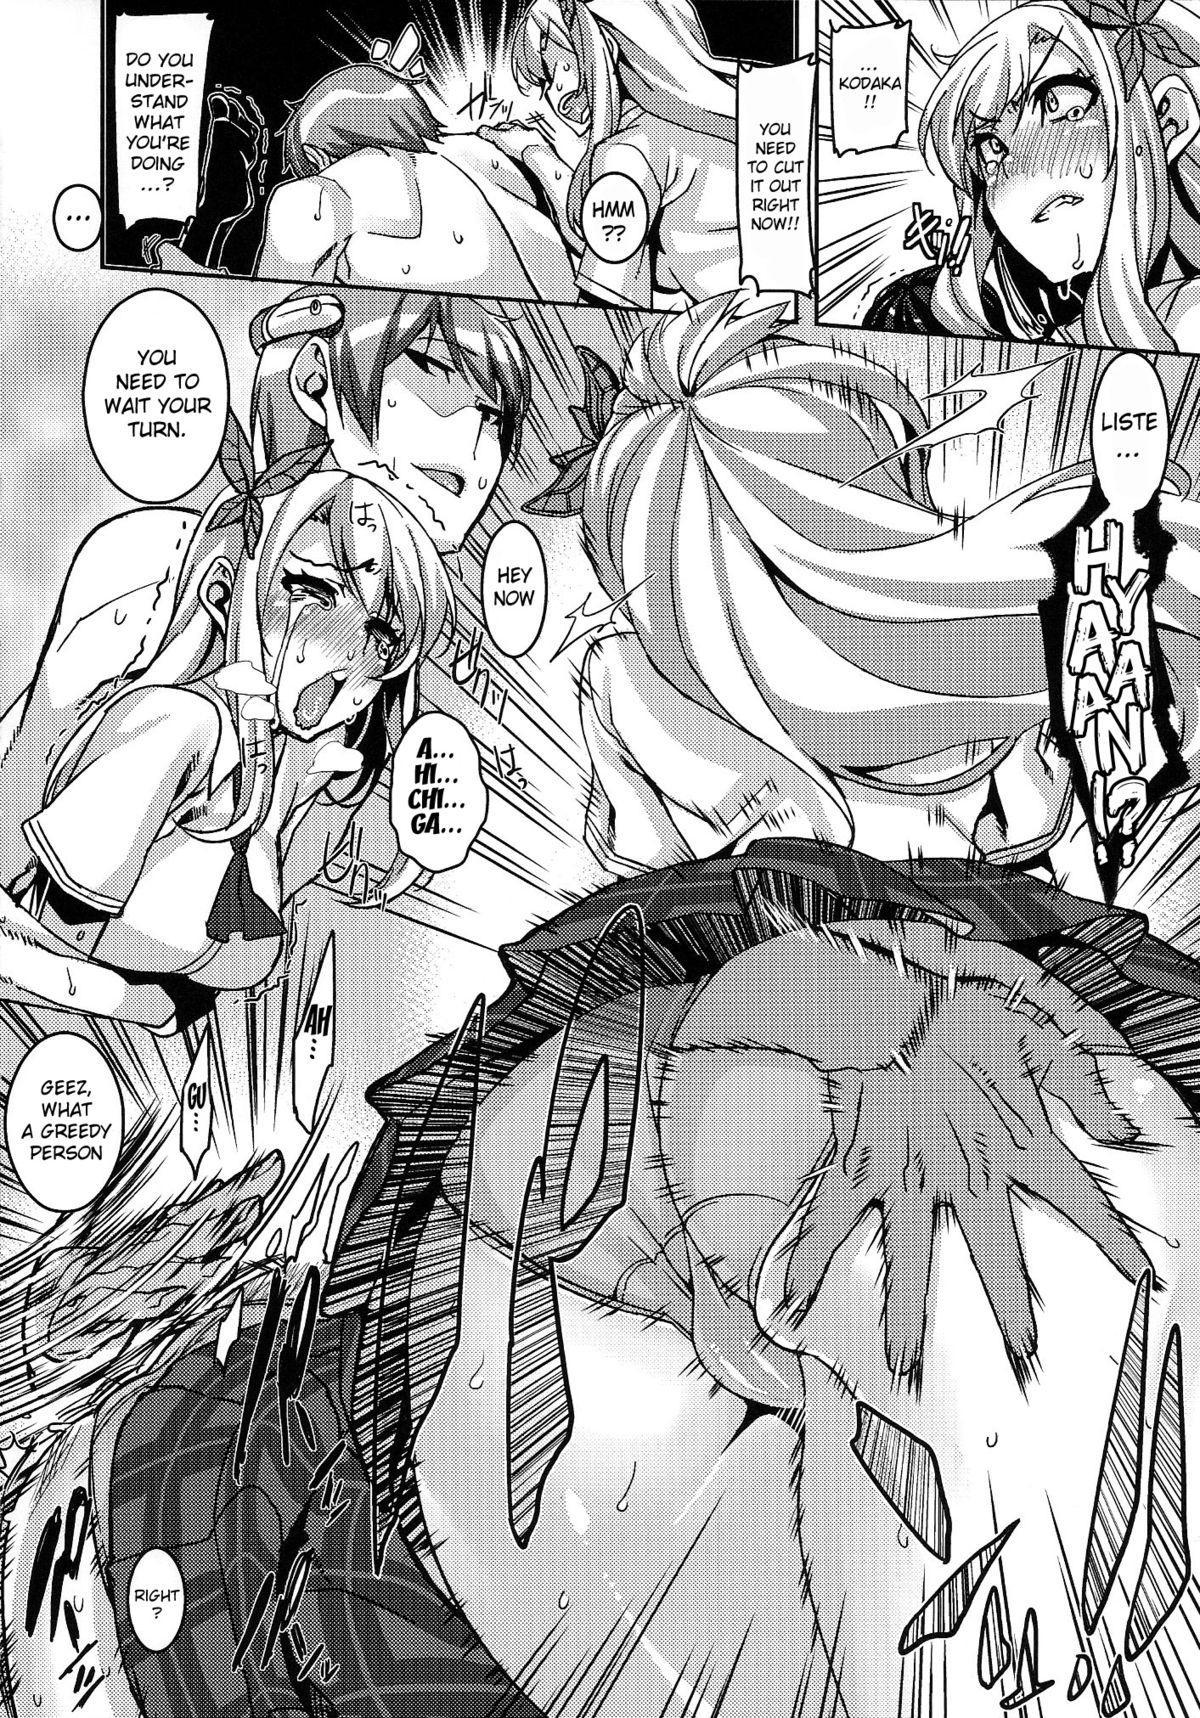 Boku no Seiyoku ga Tomaranai!? | I Can't Stop My Sex Drive 10